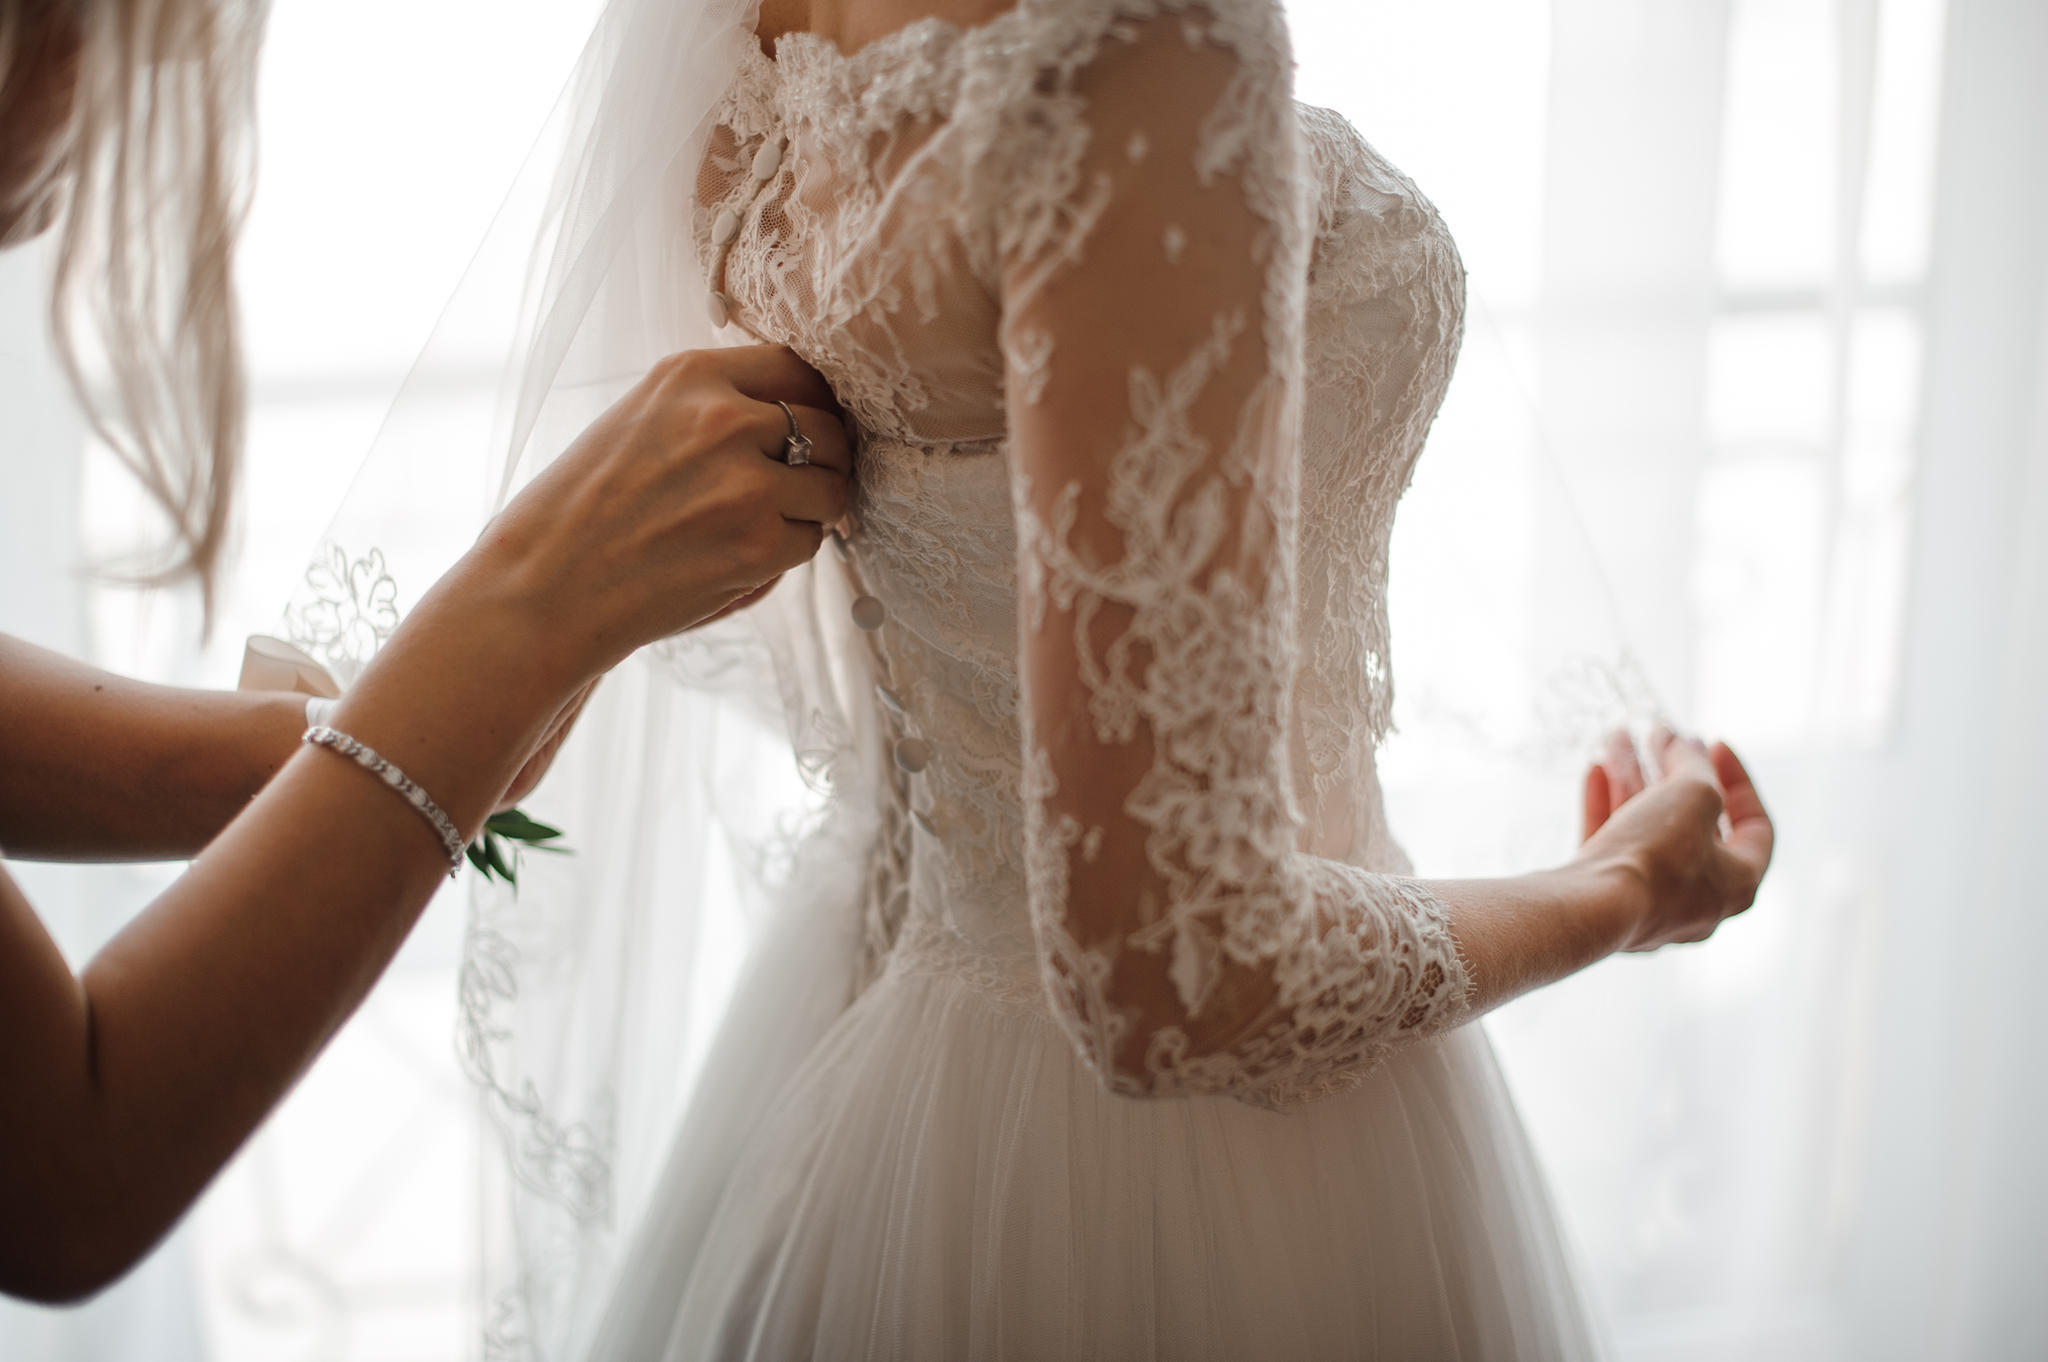 Braut Gemma legte an ihrem großen Tag eine große Veränderung hin (Symbolbild).